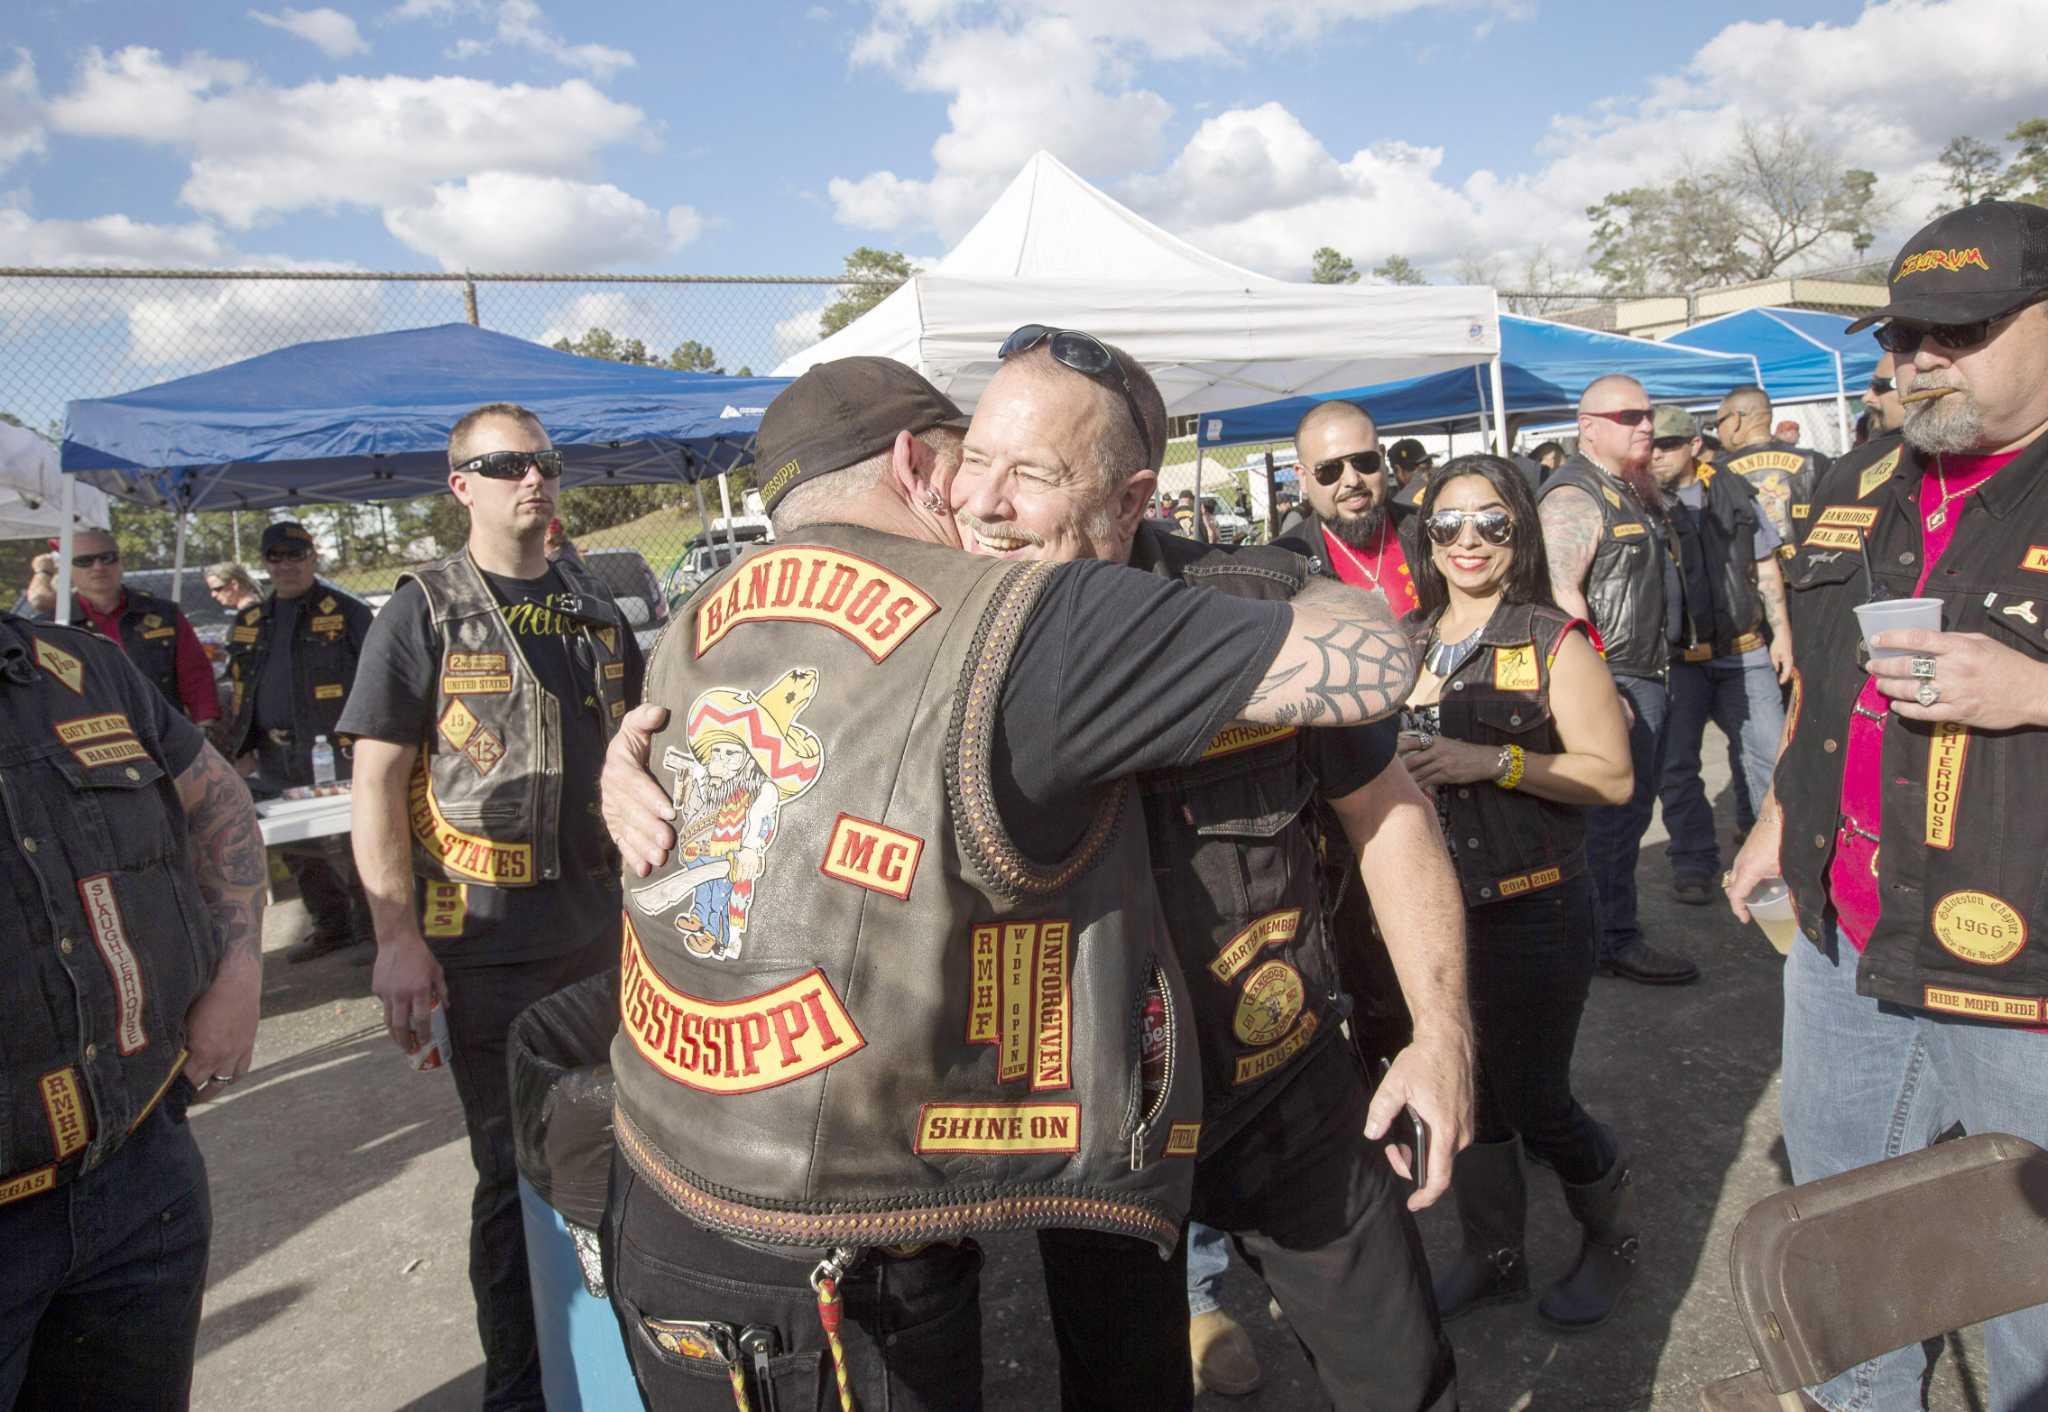 San Antonio judge sends Bandidos chief to federal prison for life